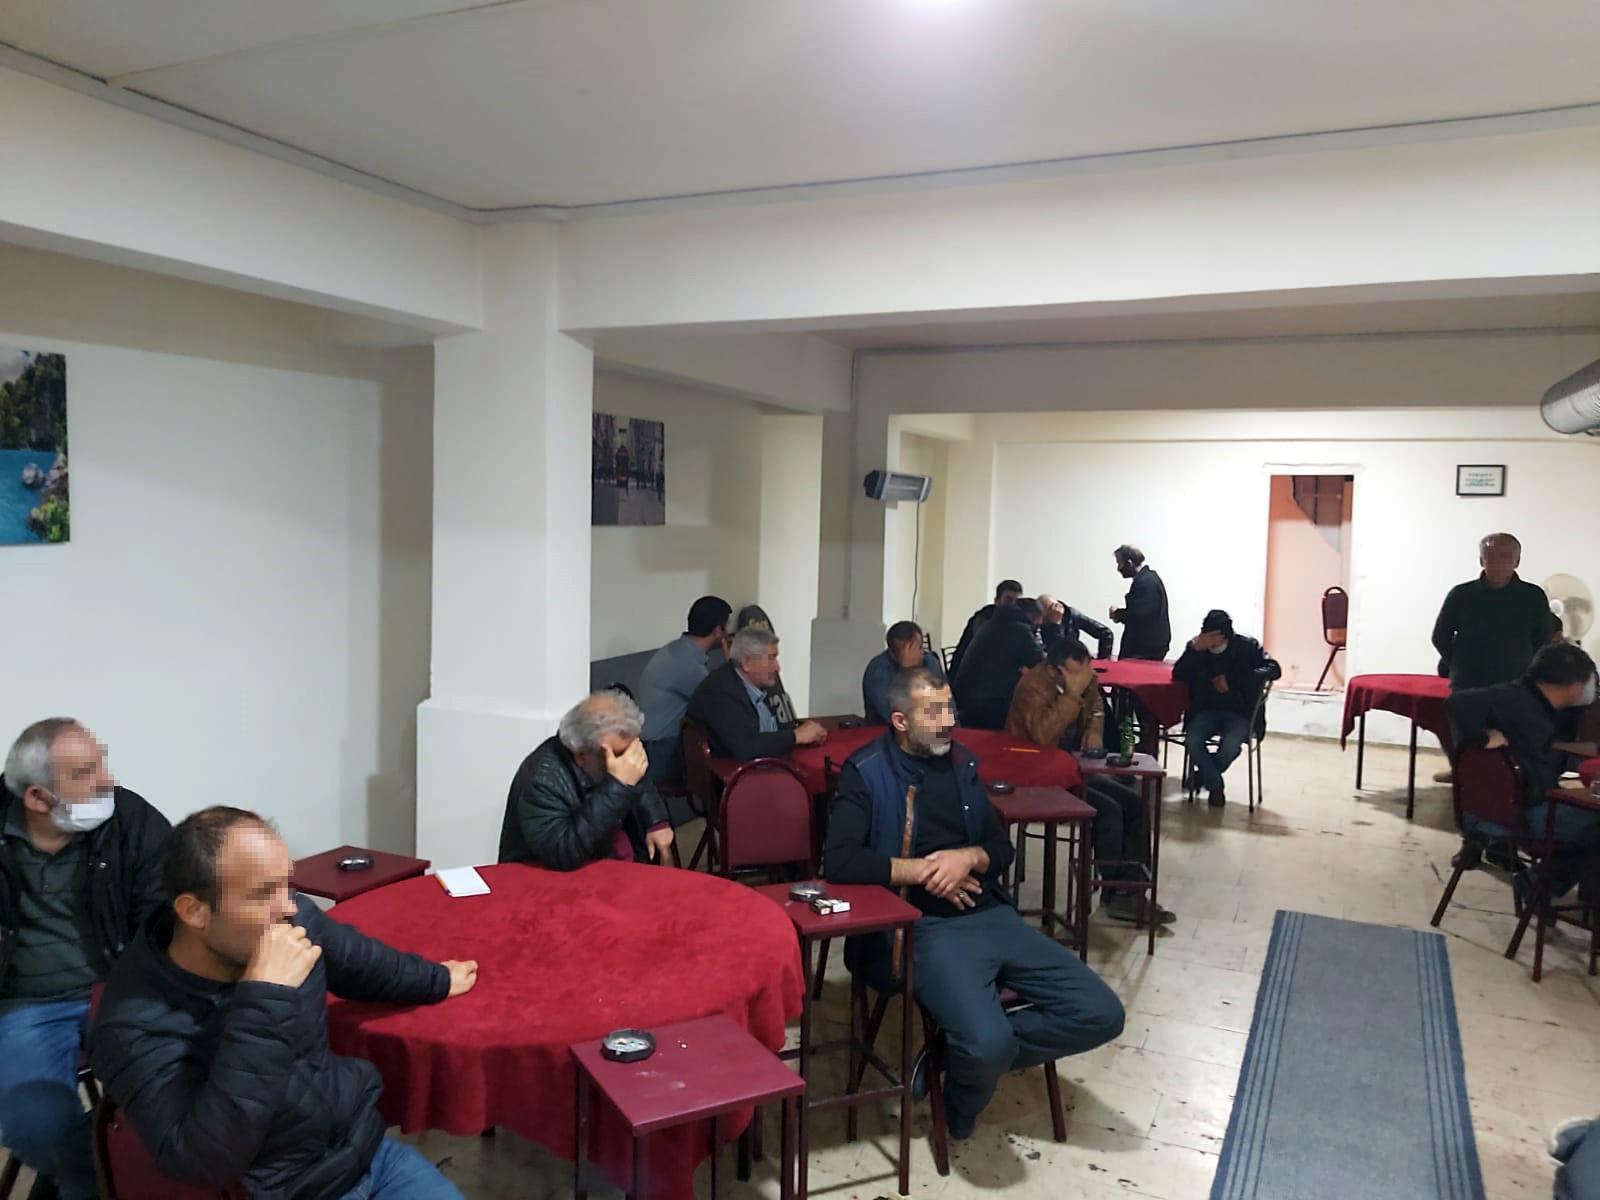 Salgın tedbirlerine inatla direniyorlar! Bursa'da kıraathane baskını